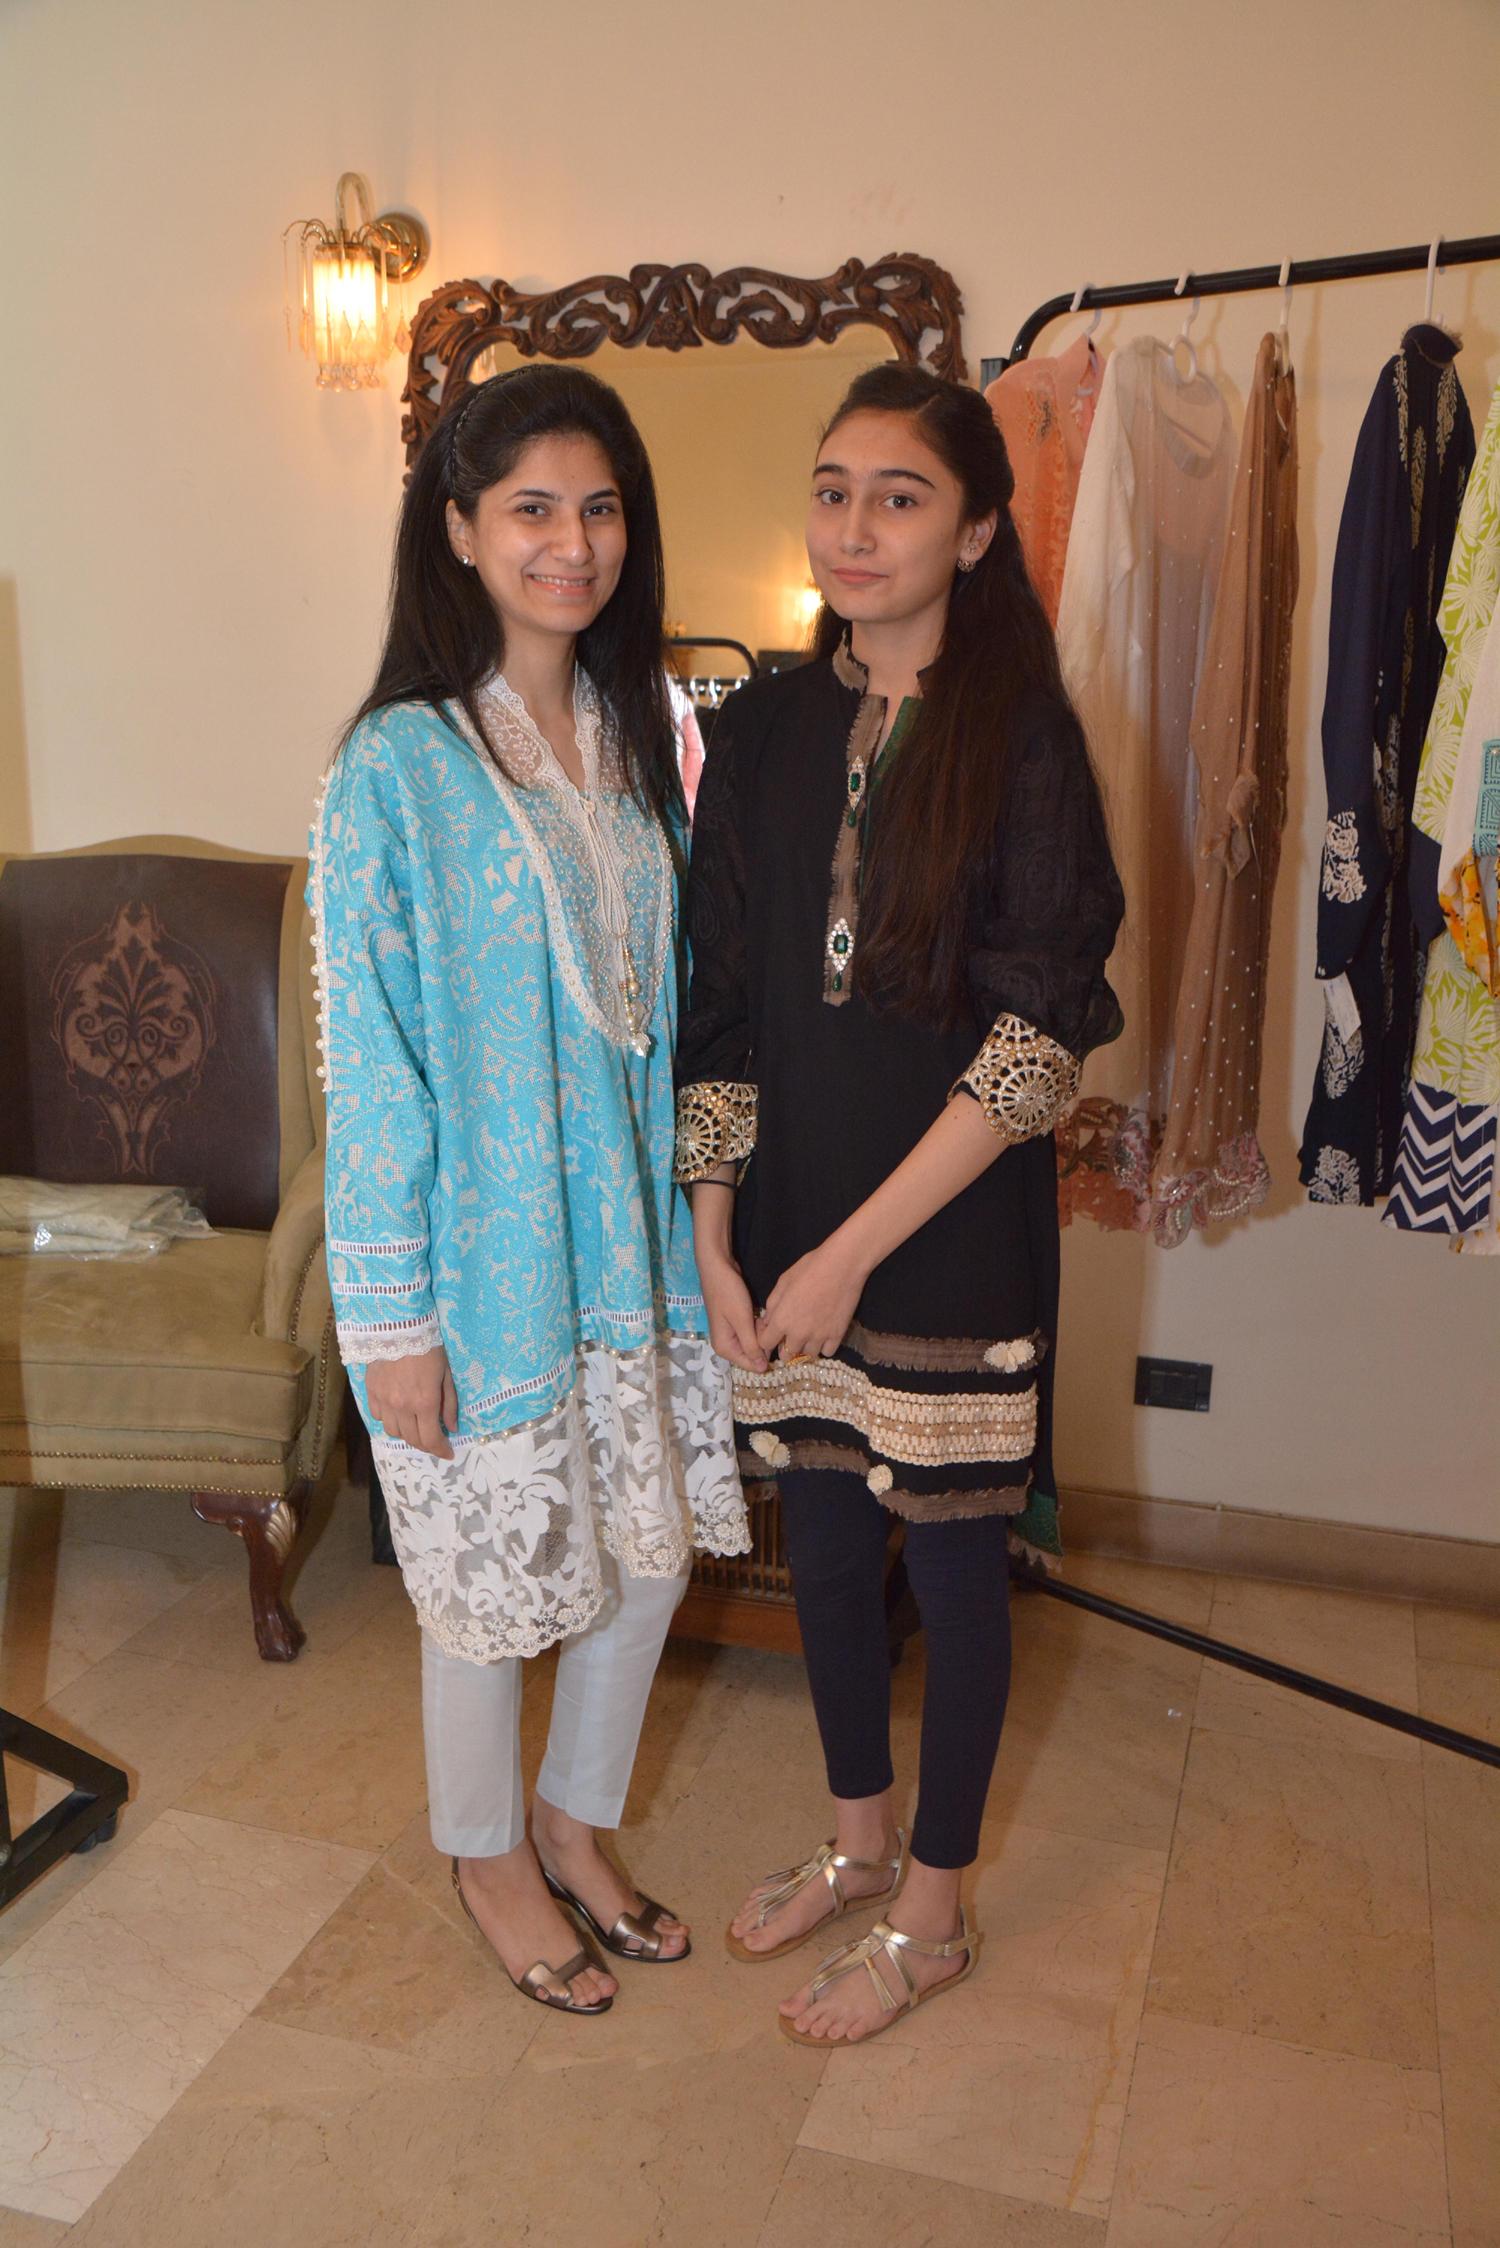 Safa and Bisma